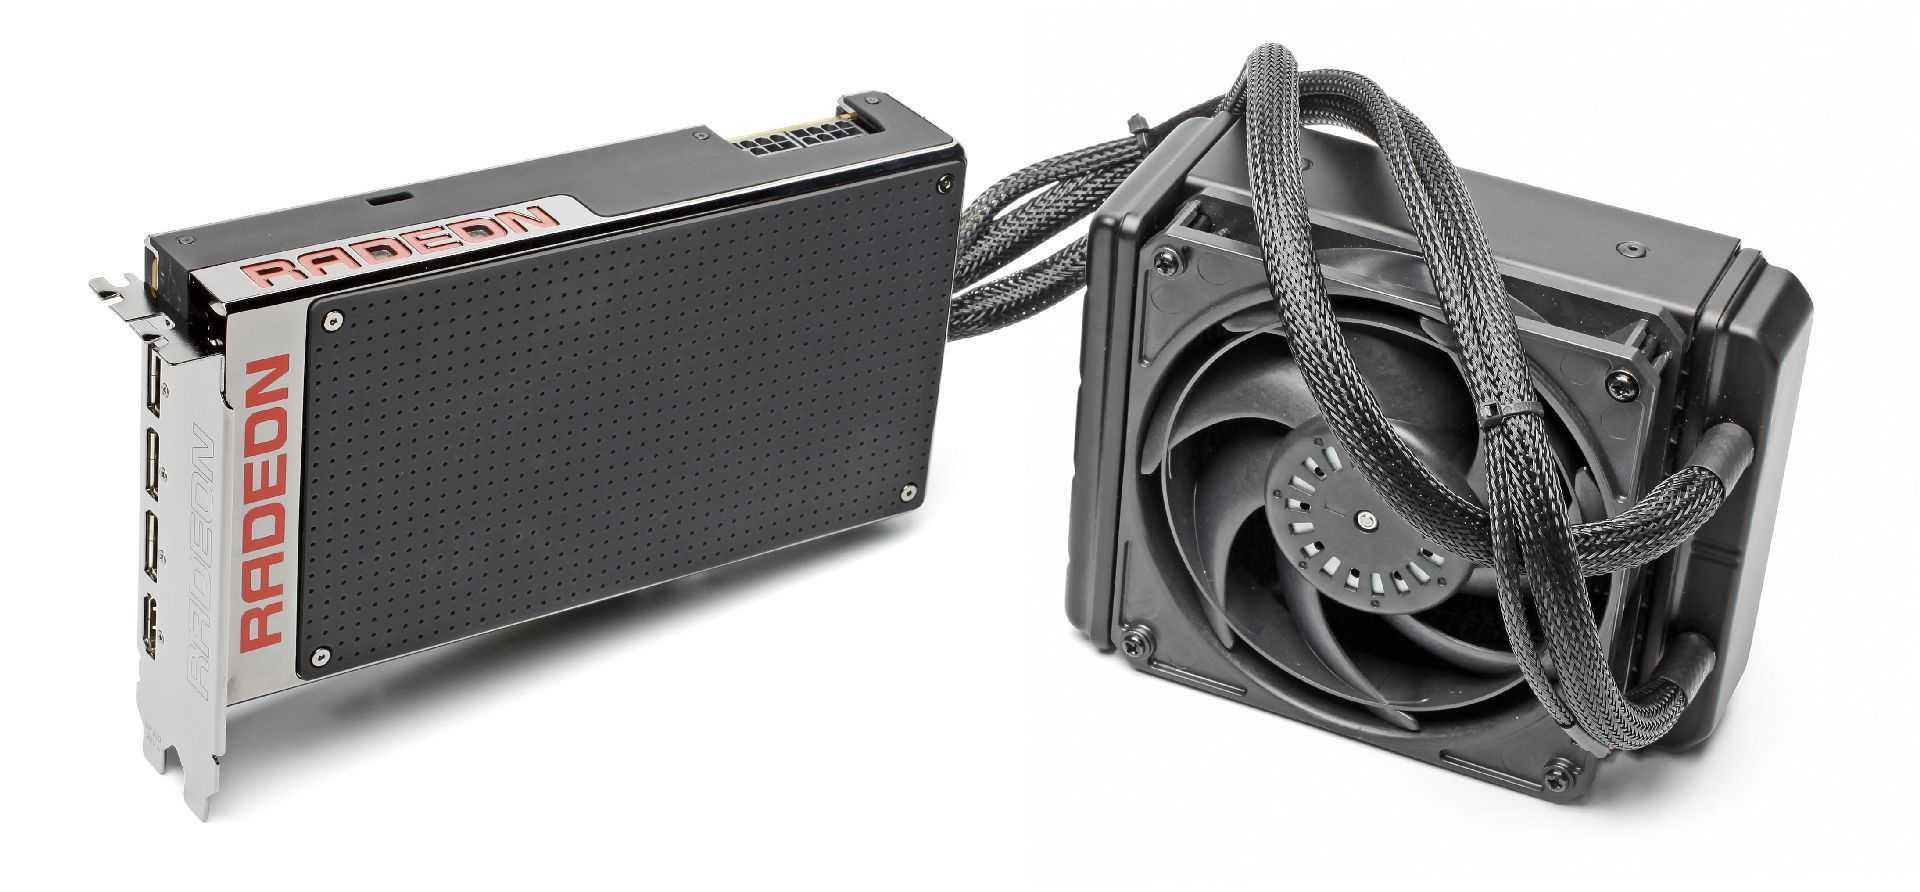 AMD setzt Hoffnung auf Grafikkarten mit Fiji-GPUs und HBM-Speicher, etwa die Radeon R9 Fury X.